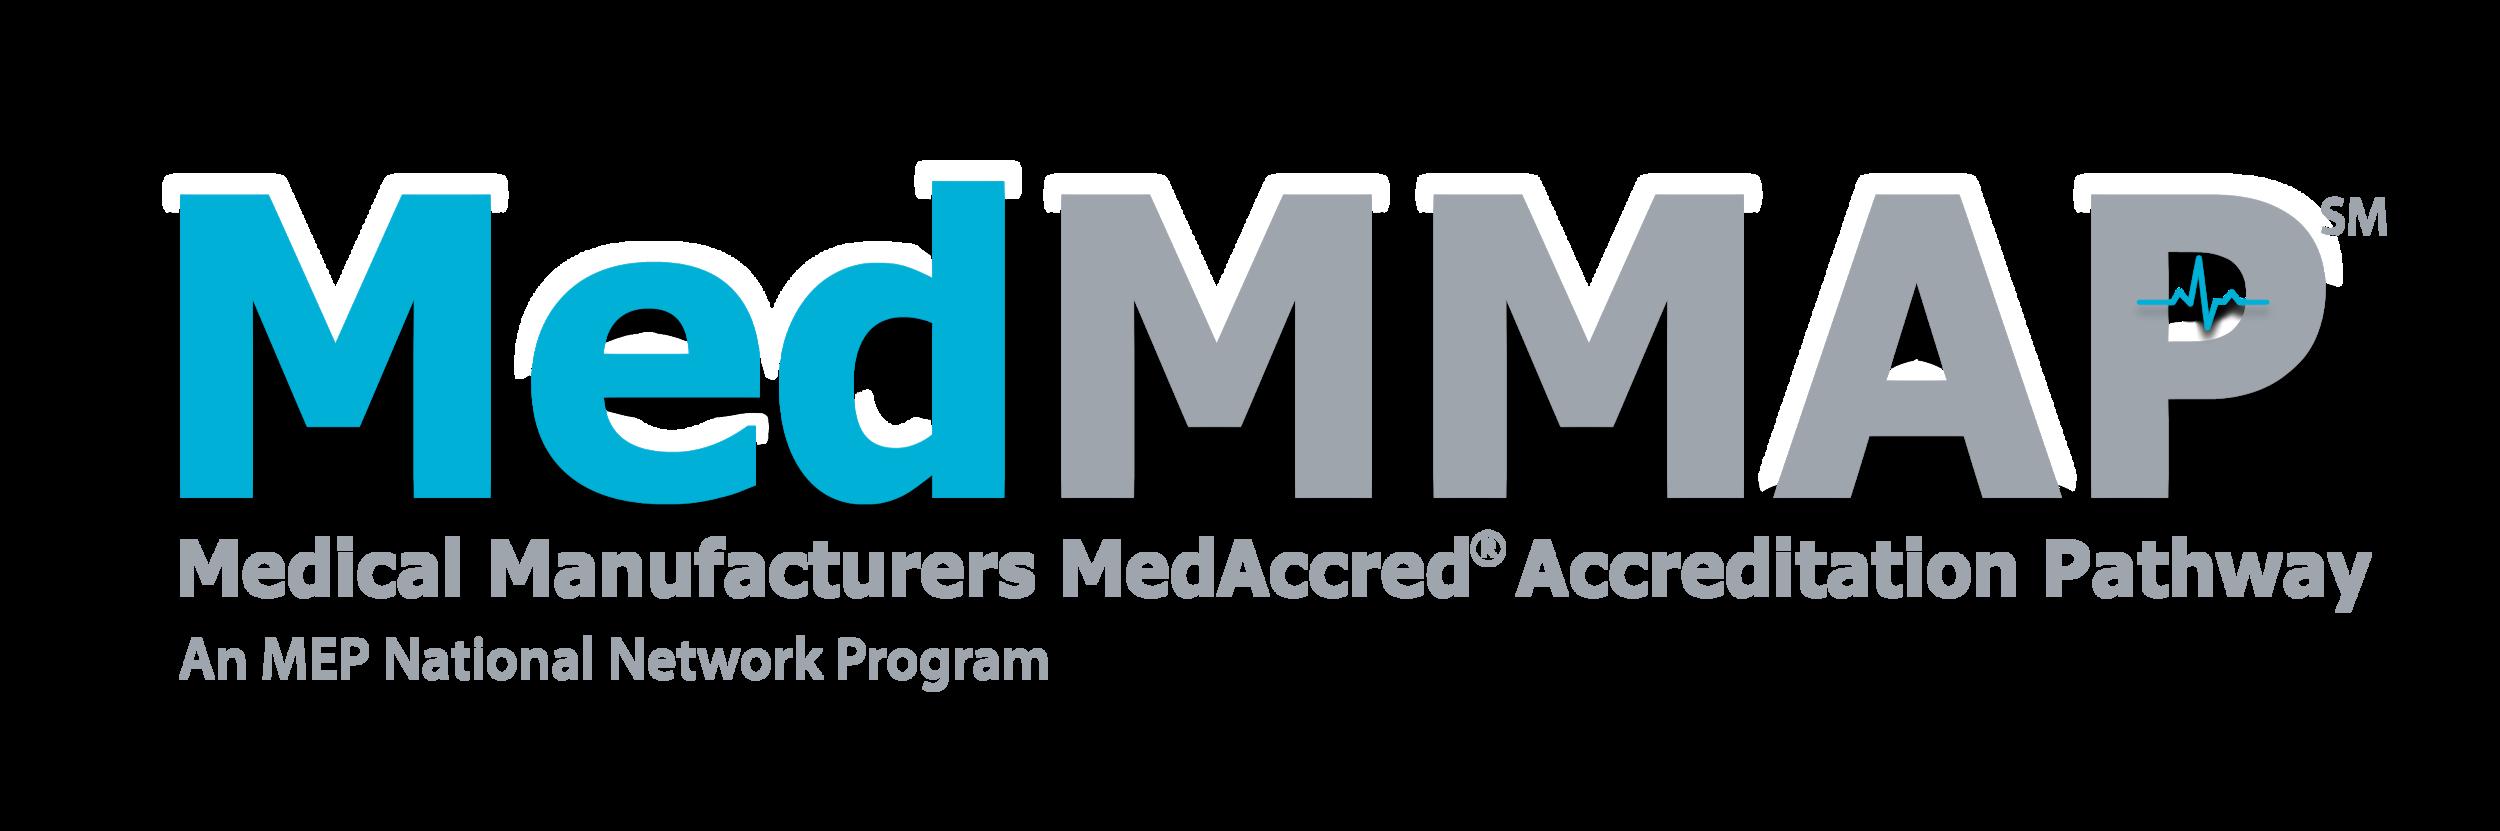 MedMMAP Design 7.3.png